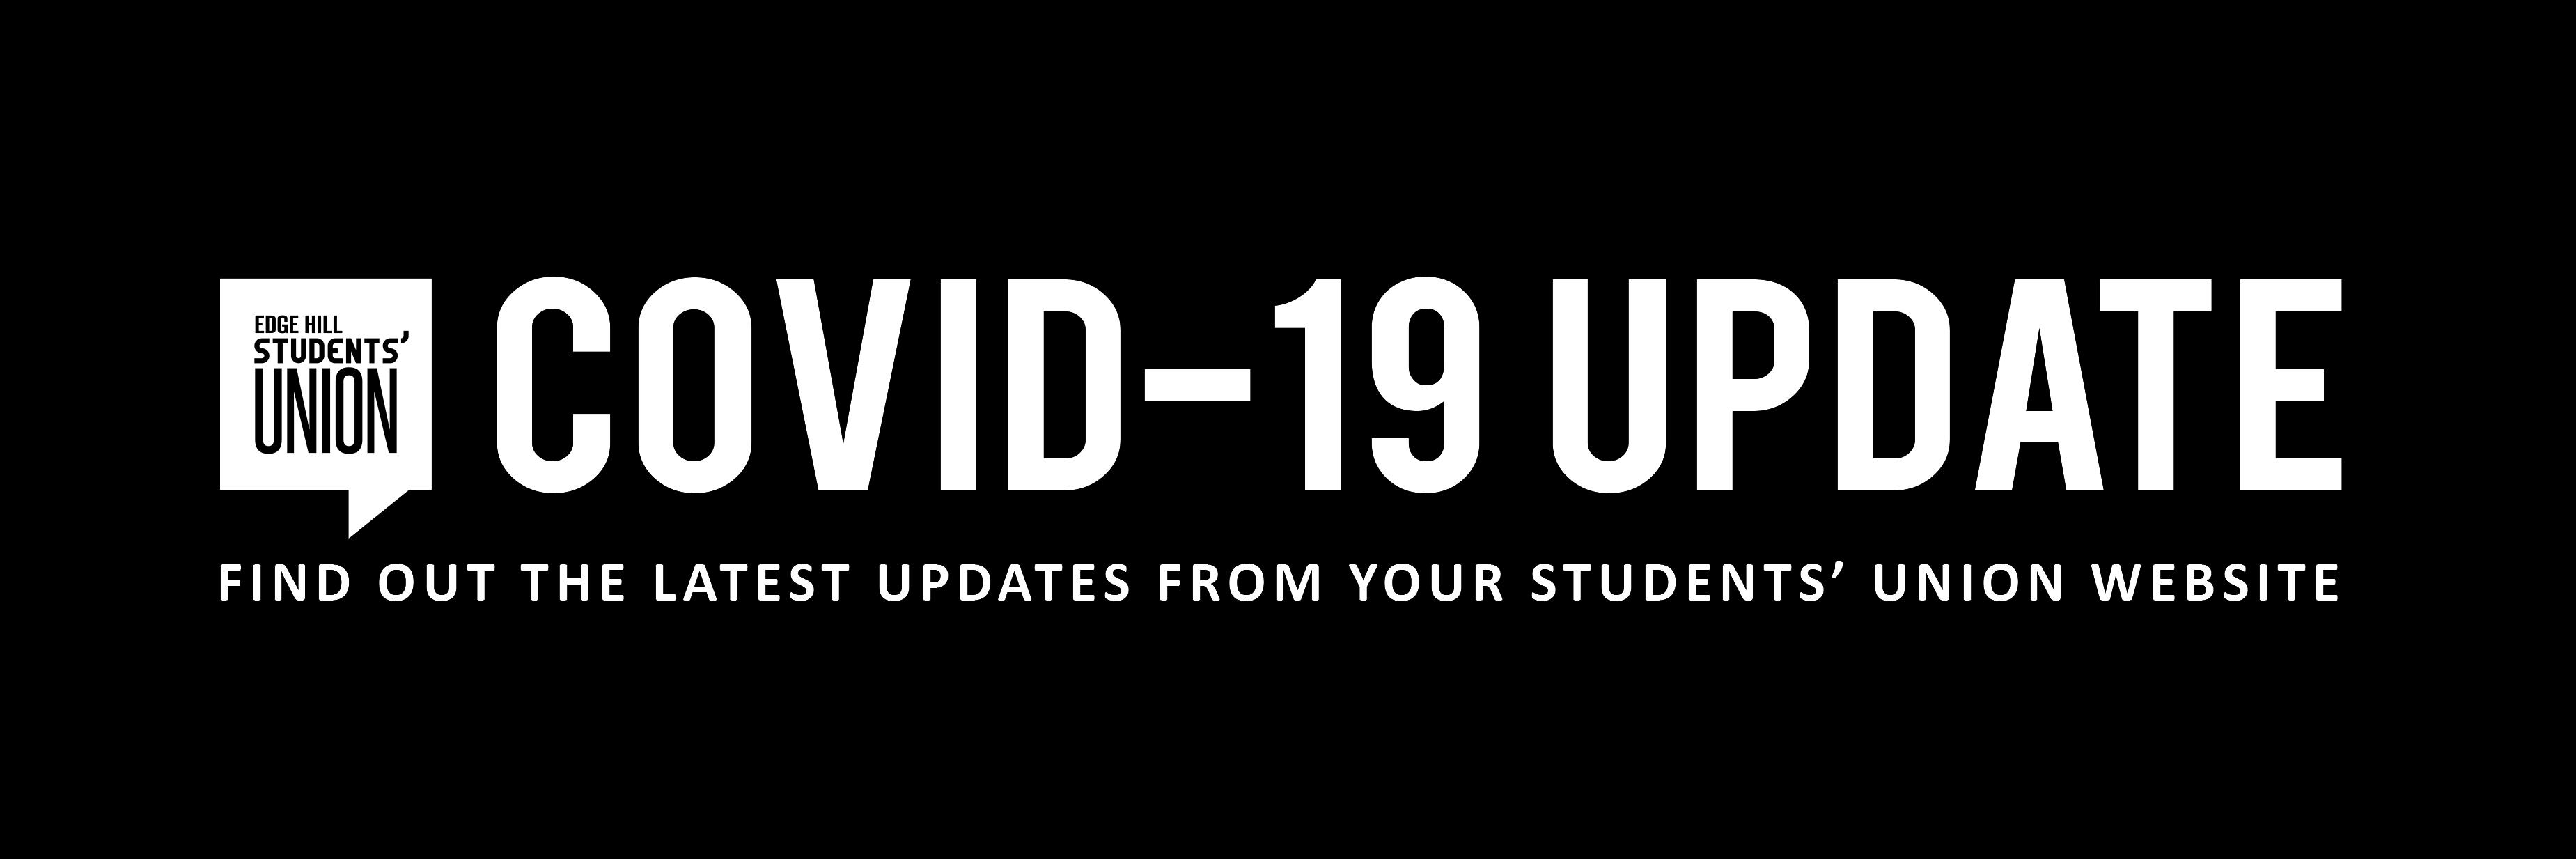 Covid 19 update web scroller 6x2